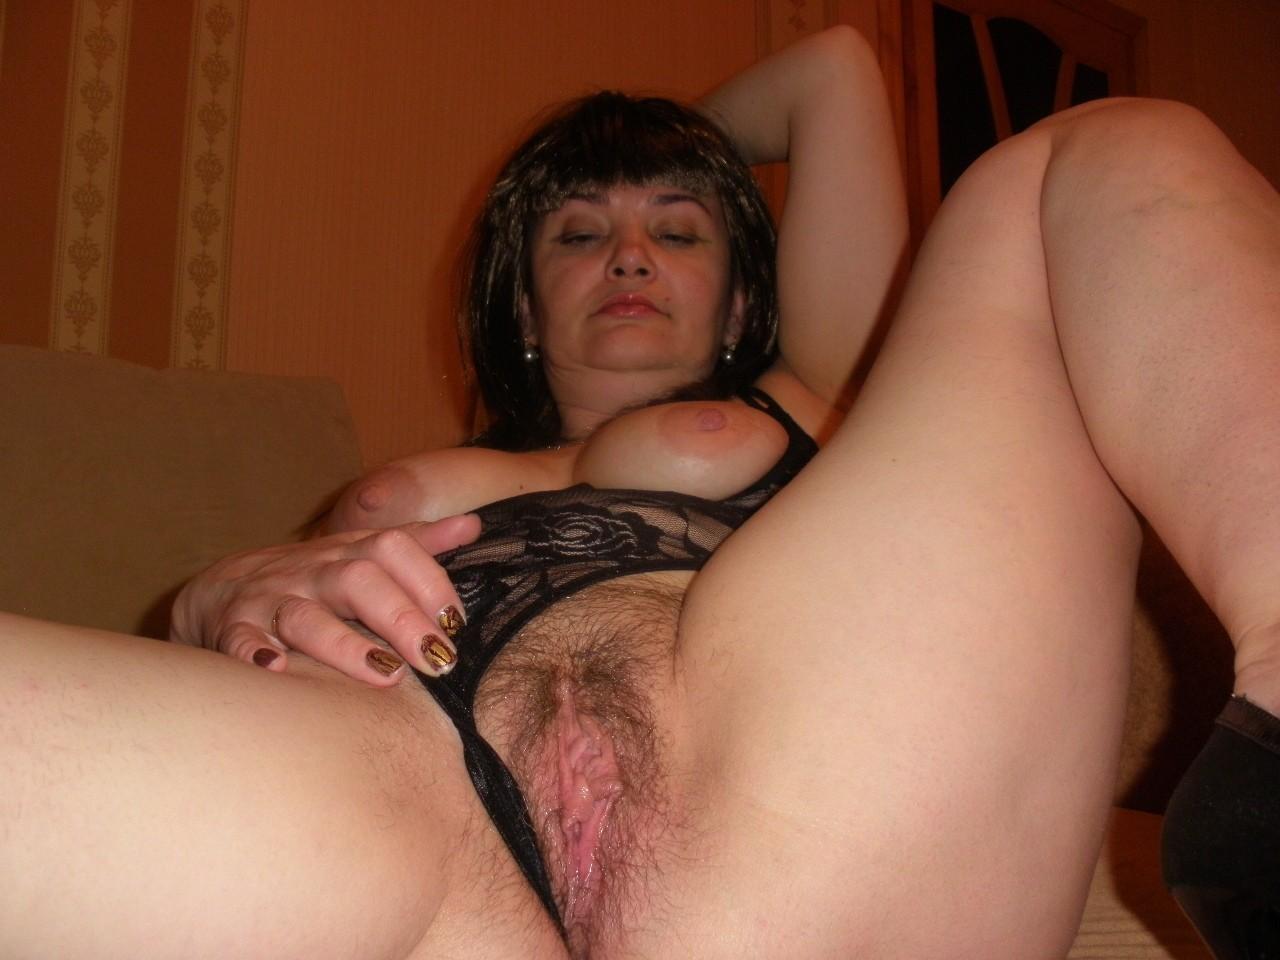 Фото порно зрелых дам по вызову 22 фотография